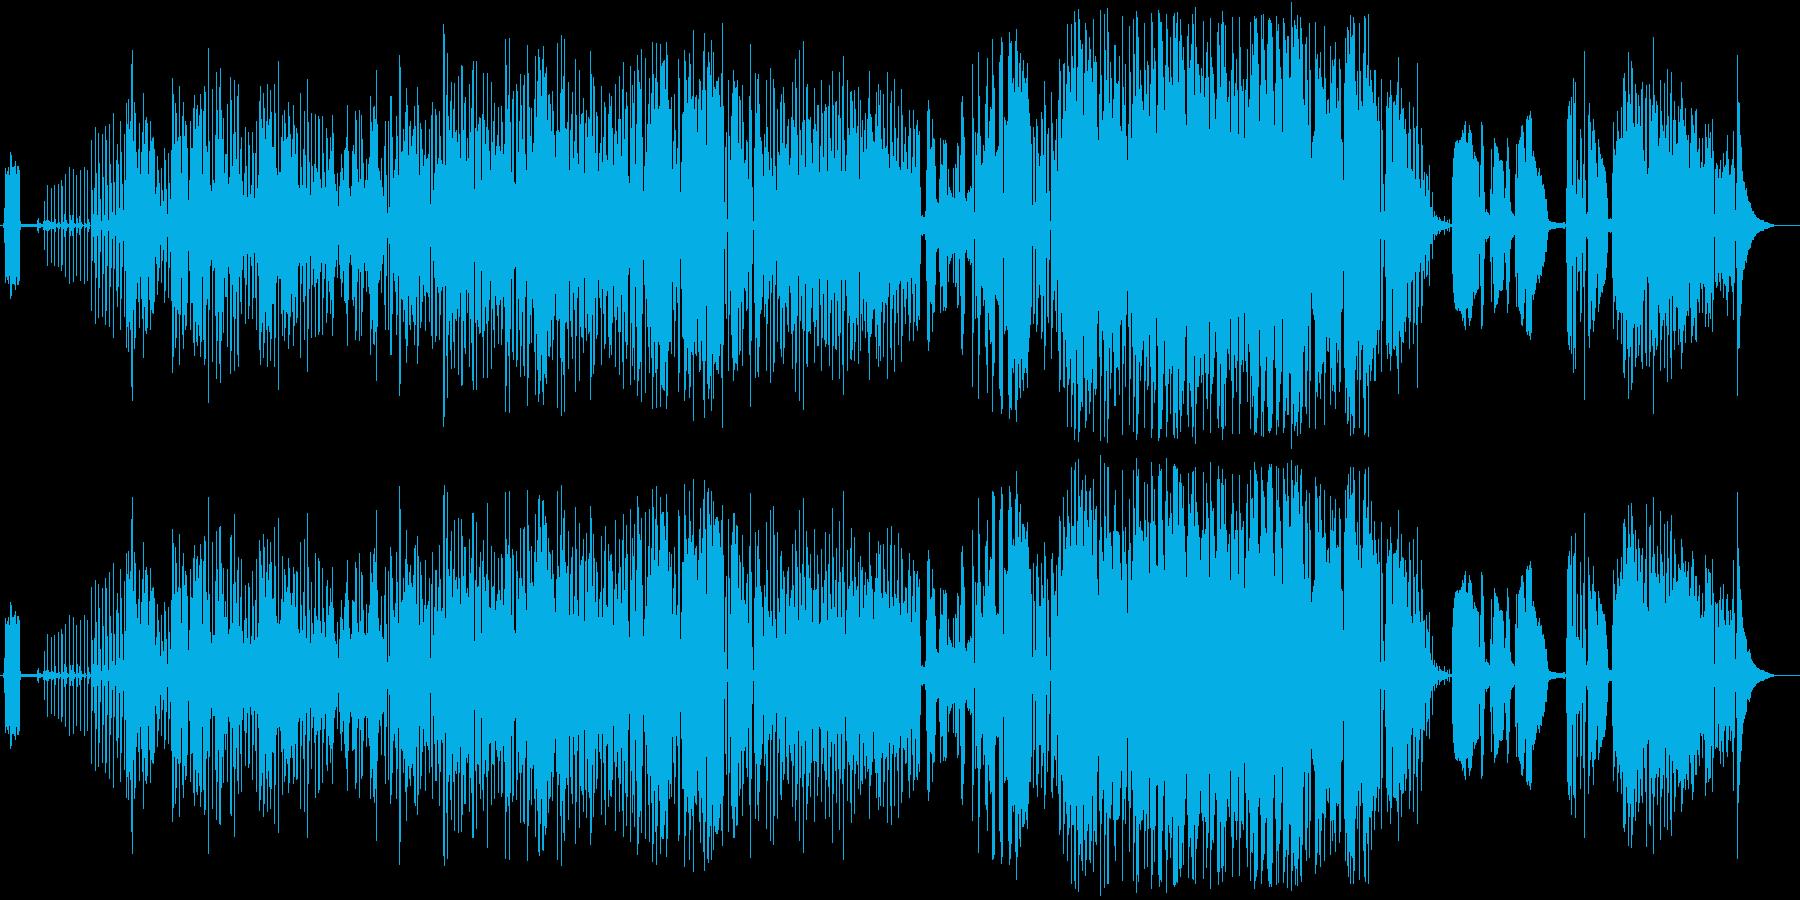 フライパンや鍋をリズム対としたポップスの再生済みの波形